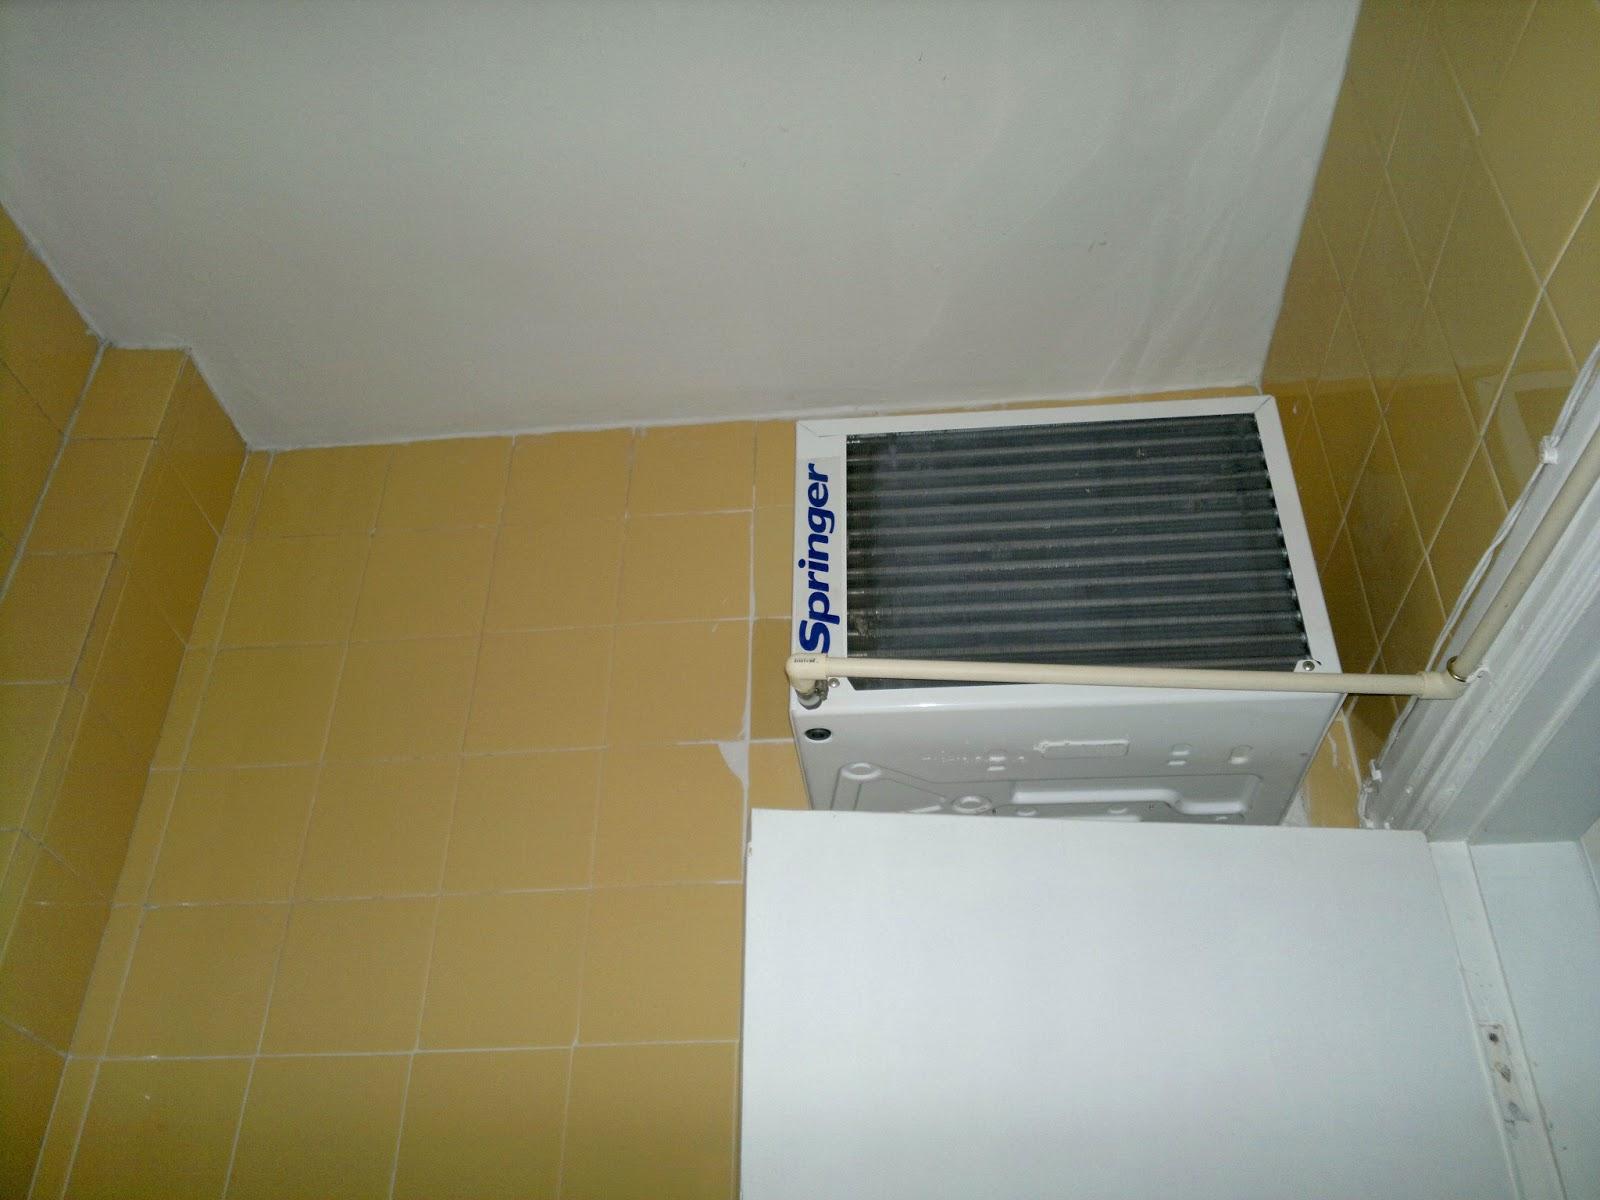 #614F14 Dicas do Gilson Eletricista: Um ar condicionado de janela poderá ser  1456 Suporte Ar Condicionado Janela Aluminio